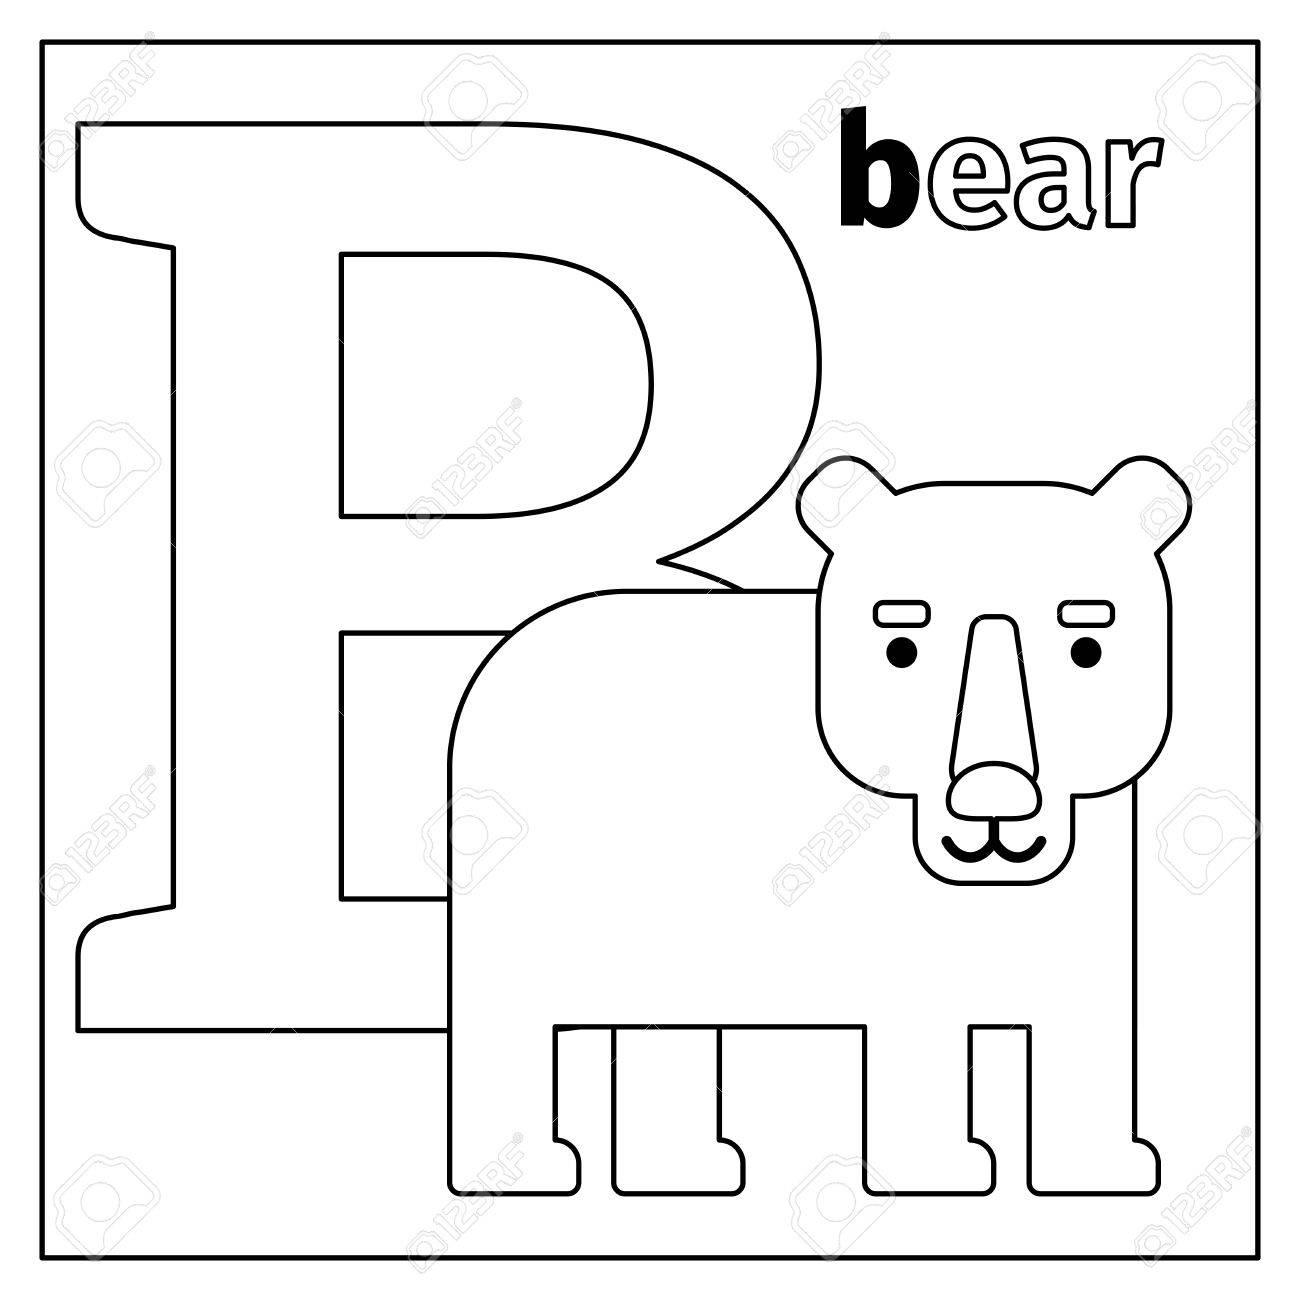 Dibujo Para Colorear O Tarjeta Para Niños Con Alfabeto Inglés Zoológico De Animales Oso Letra B Ilustración Vectorial